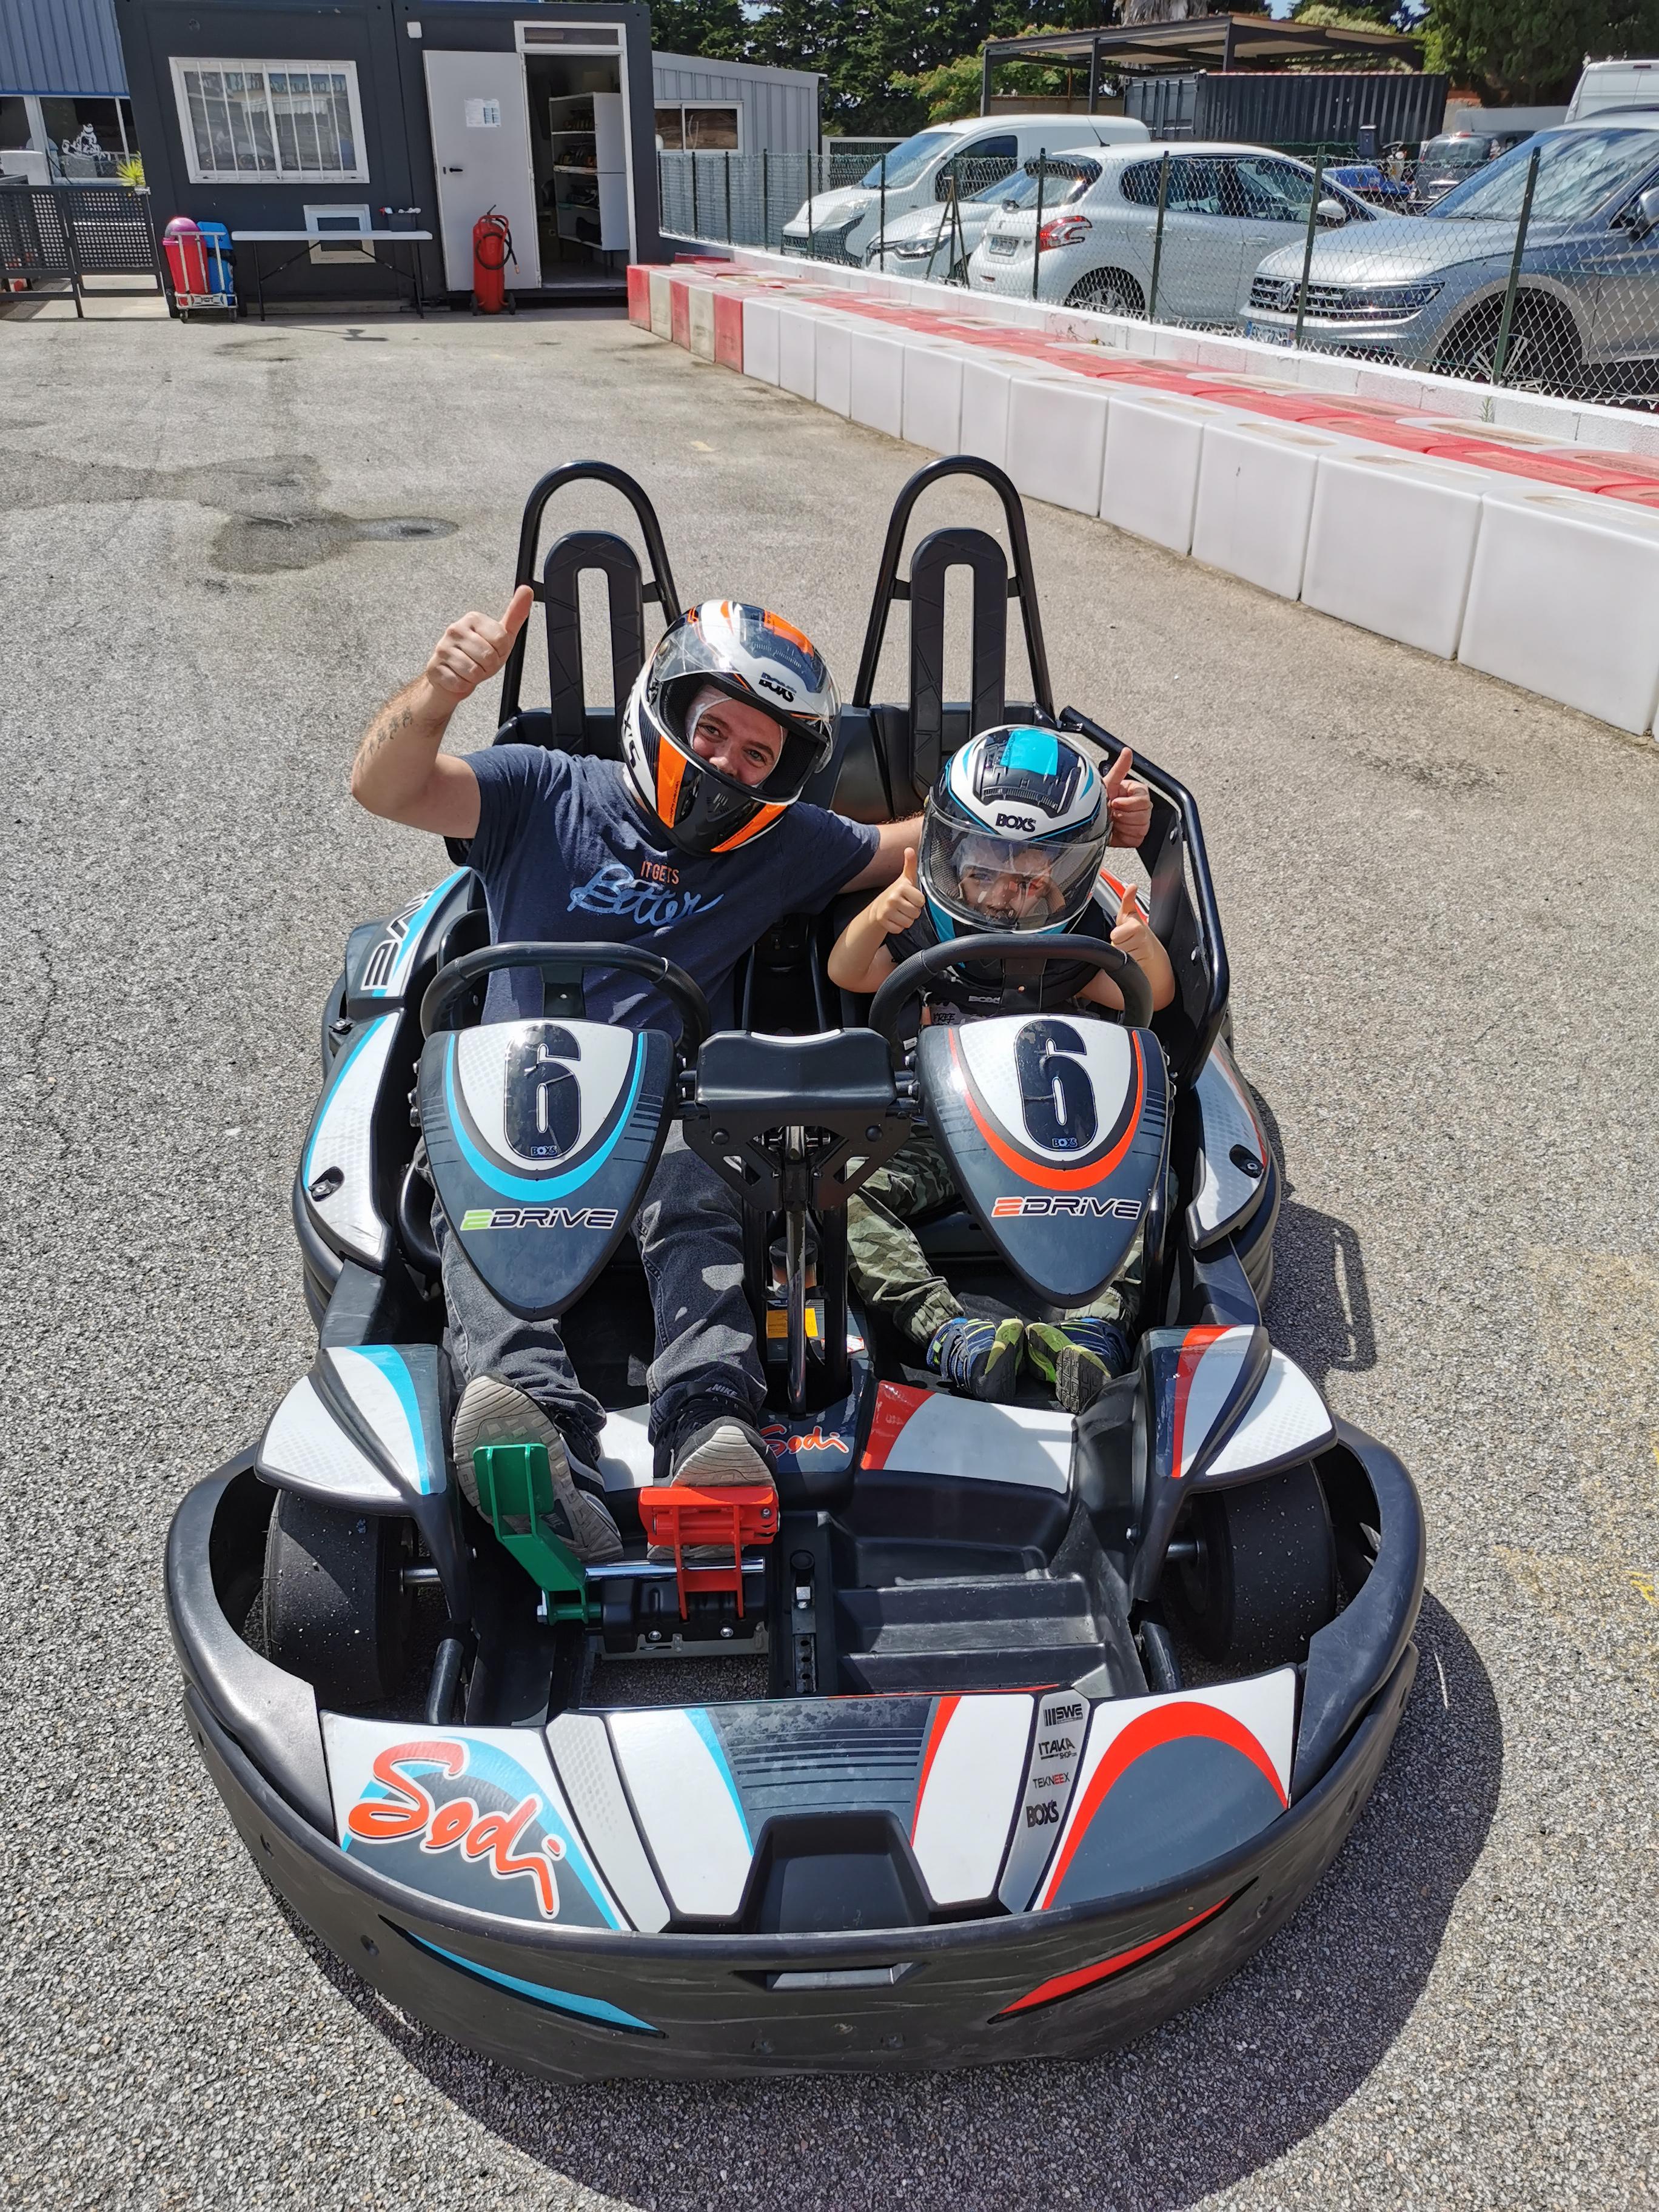 Kart bi-place, le karting familial pour s'éclater en duo